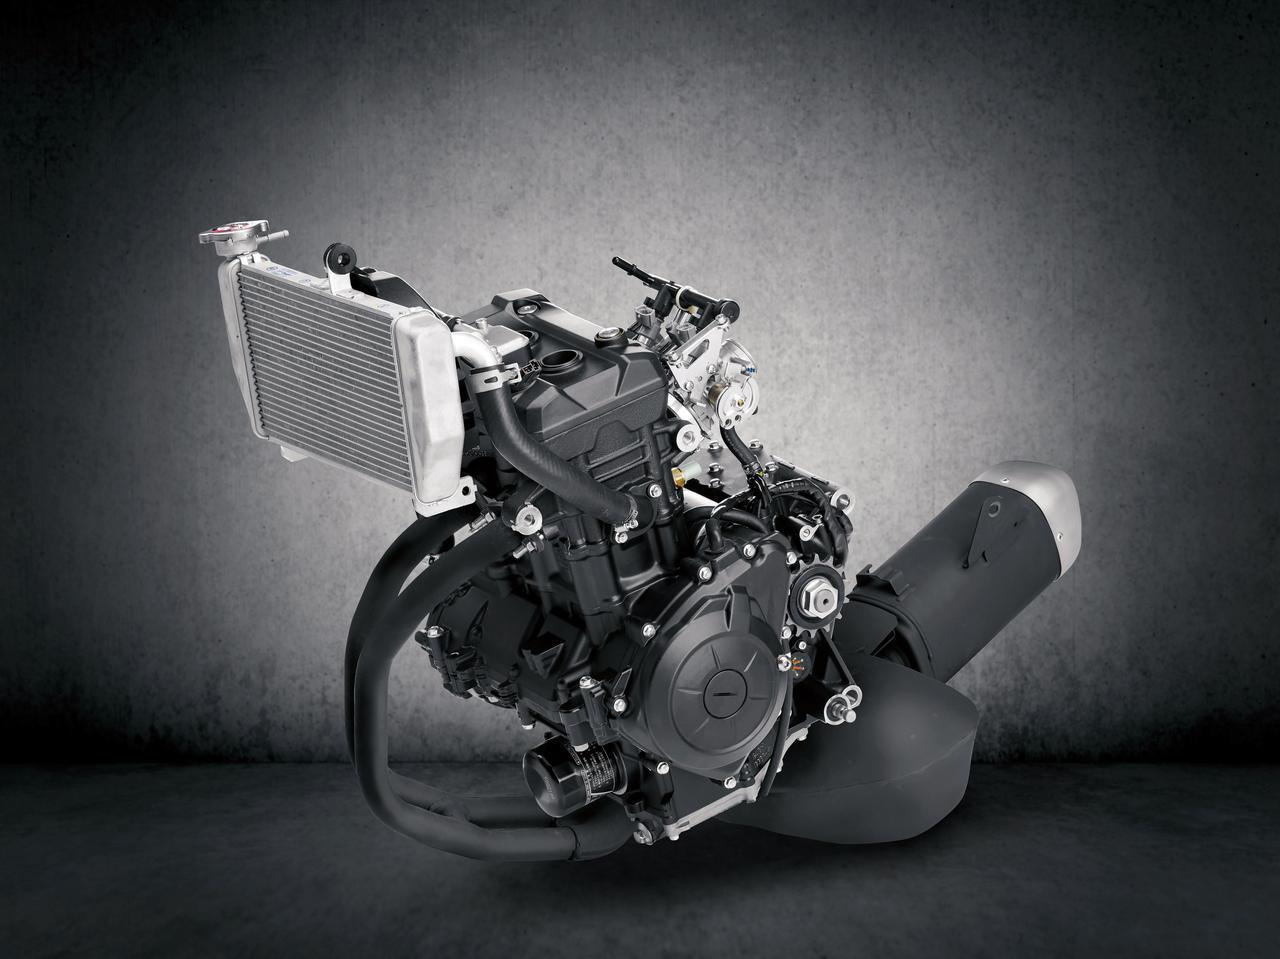 画像: アルミ鍛造ピストン、オールアルミシリンダー、浸炭コンロッドを採用したDOHCツイン。